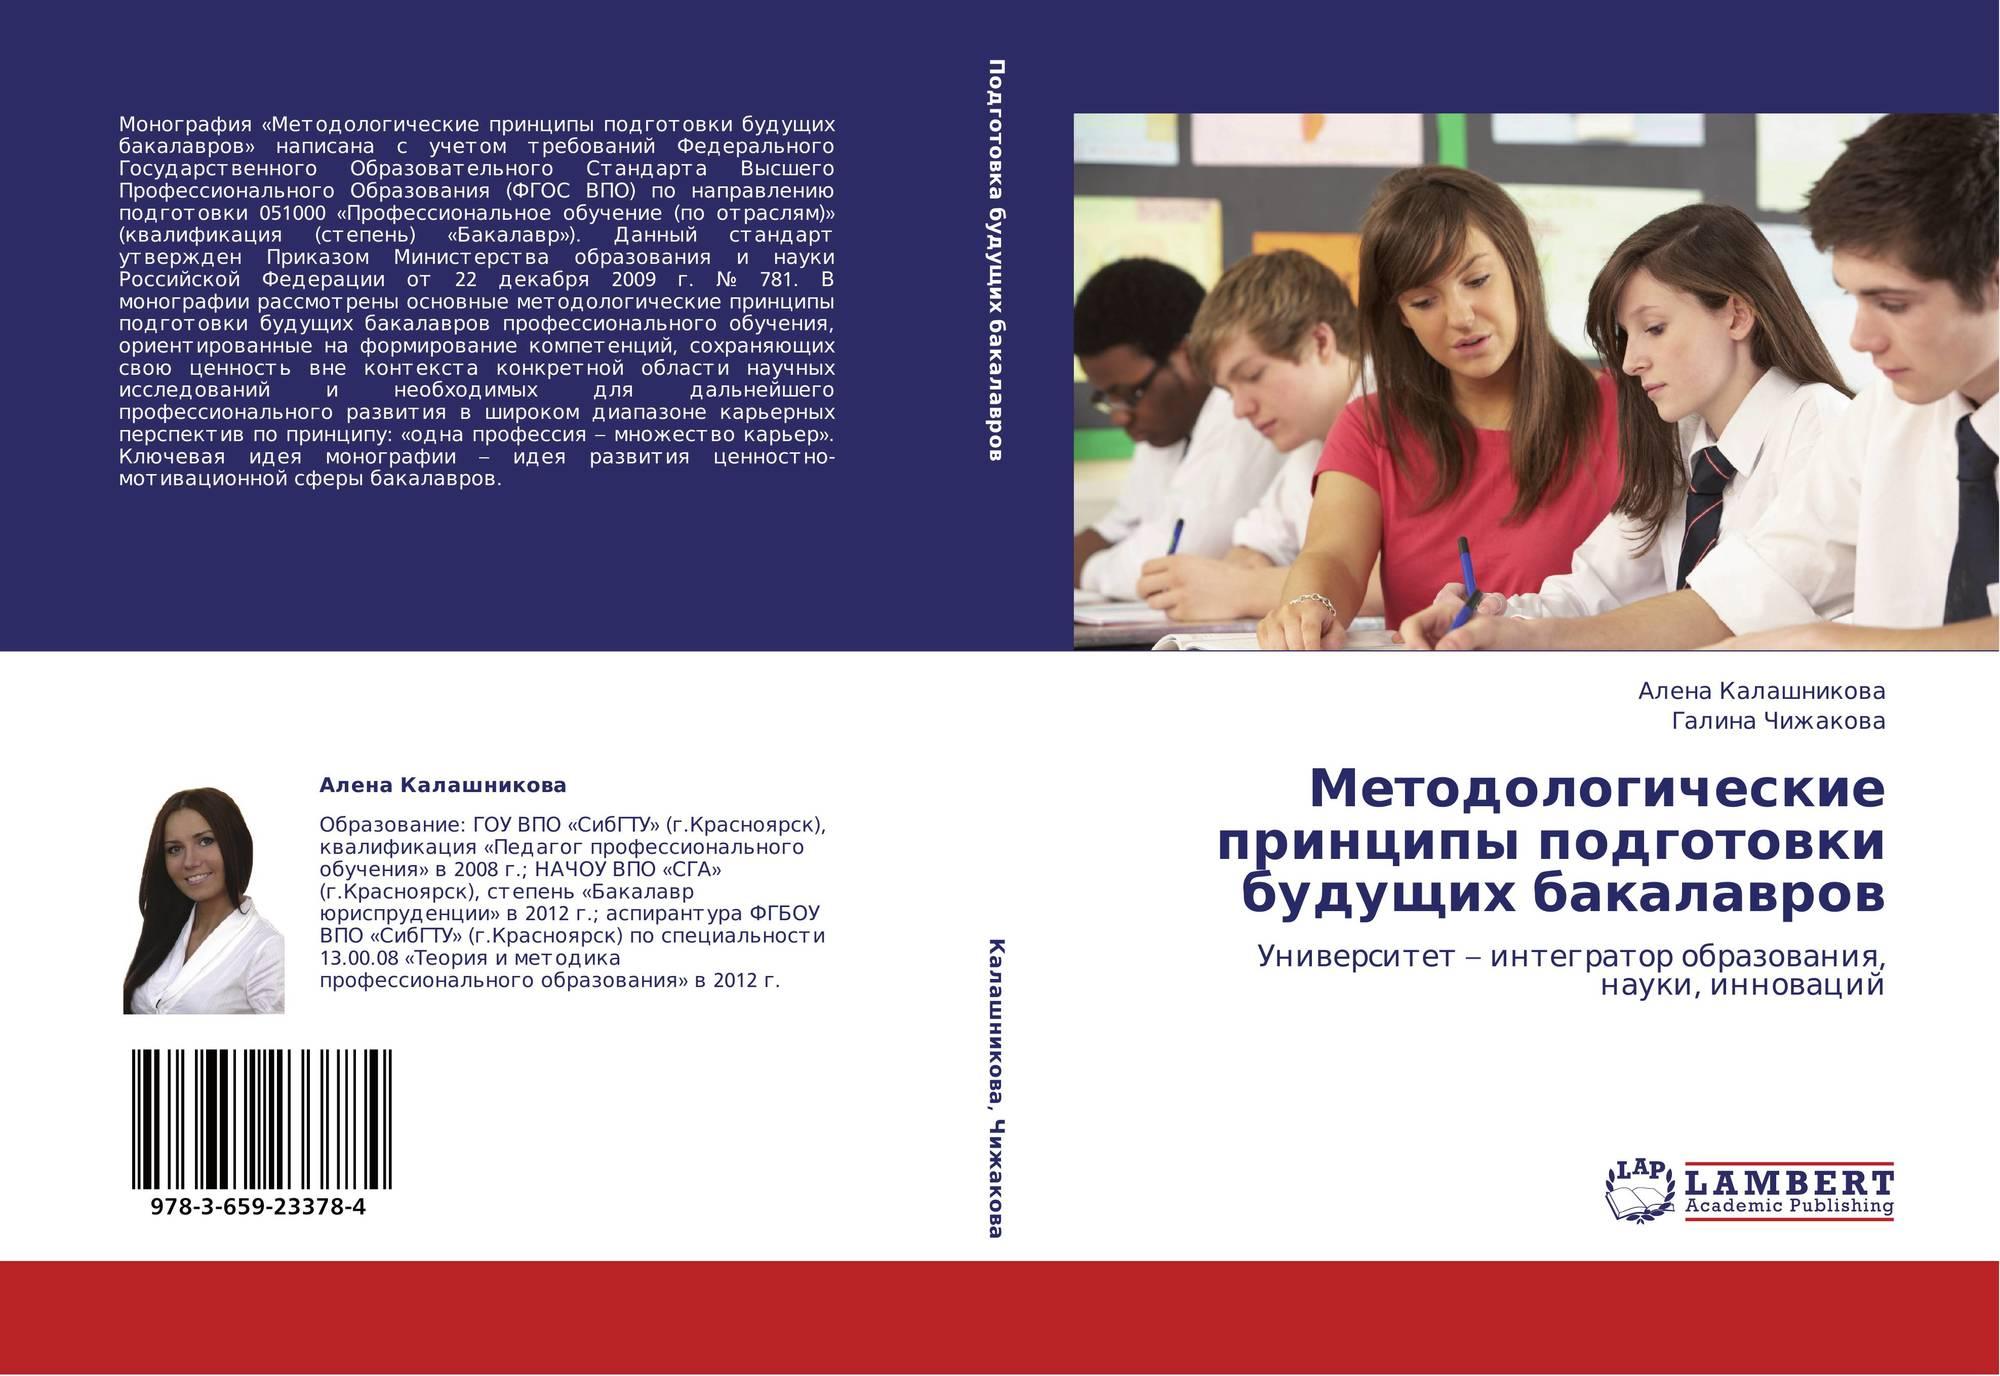 Подготовка преподавателей спо по направлению 051000 (440304) п рофессиональное обучение с использованием сетевого